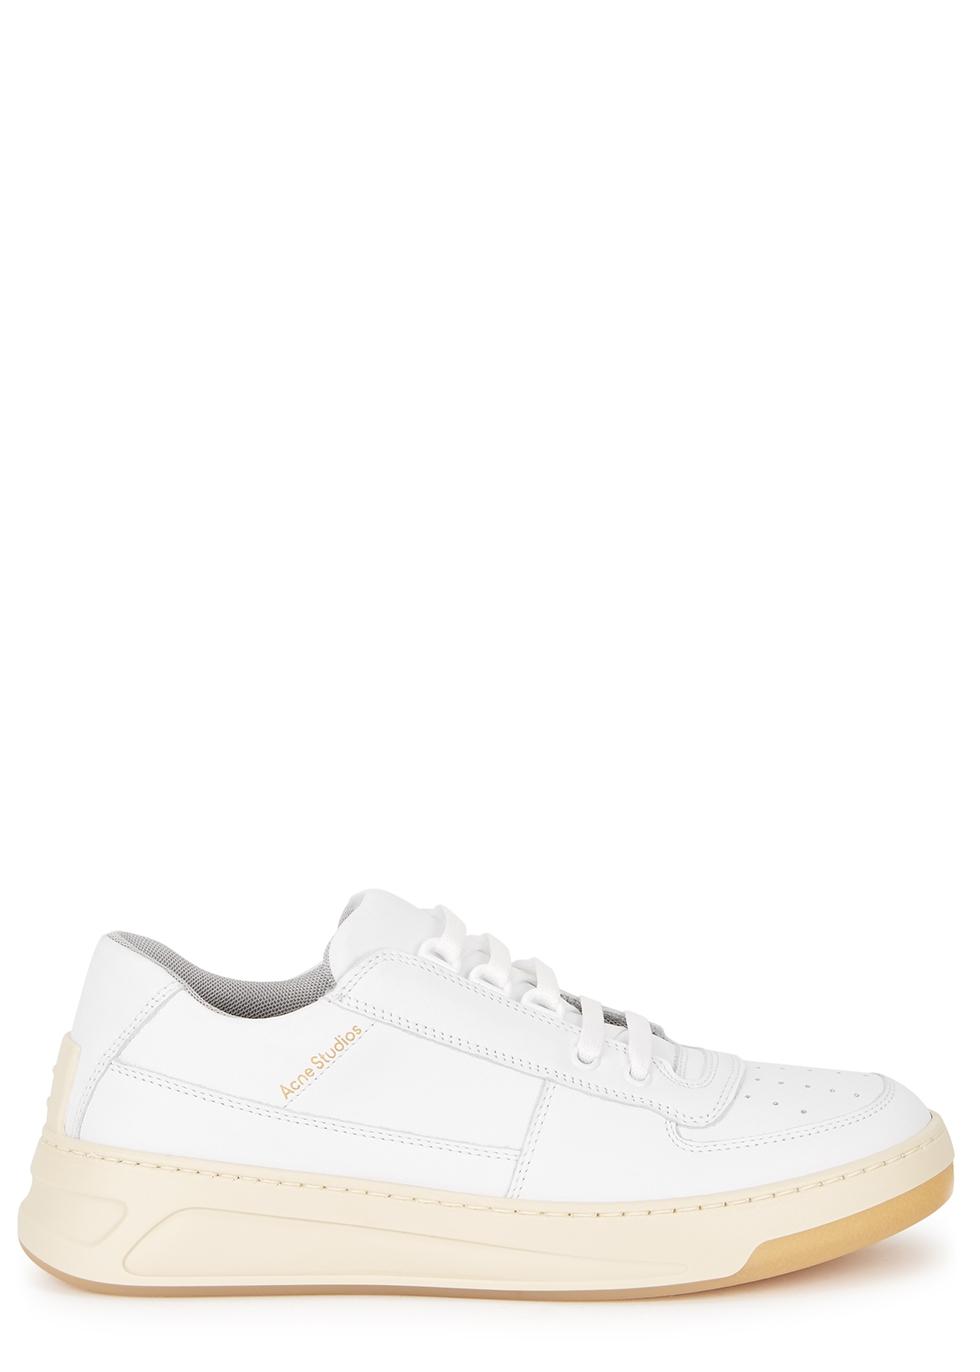 Acne Studios Steffey white leather